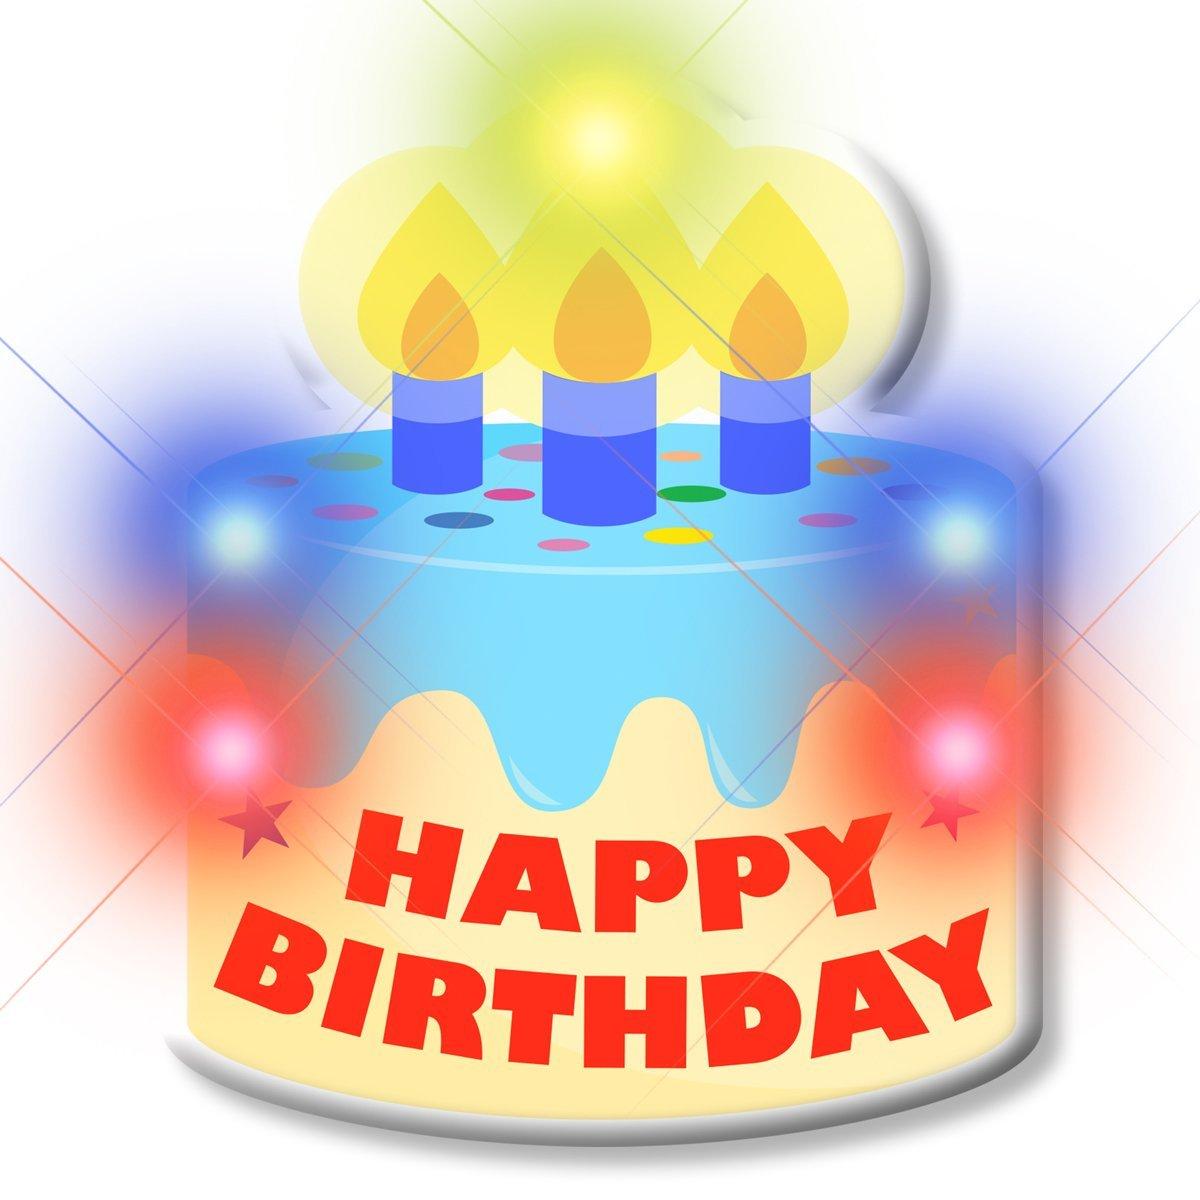 Blinking Light Up Happy Birthday Cake Body Pins O Magic Matts Brilliant Blinkys